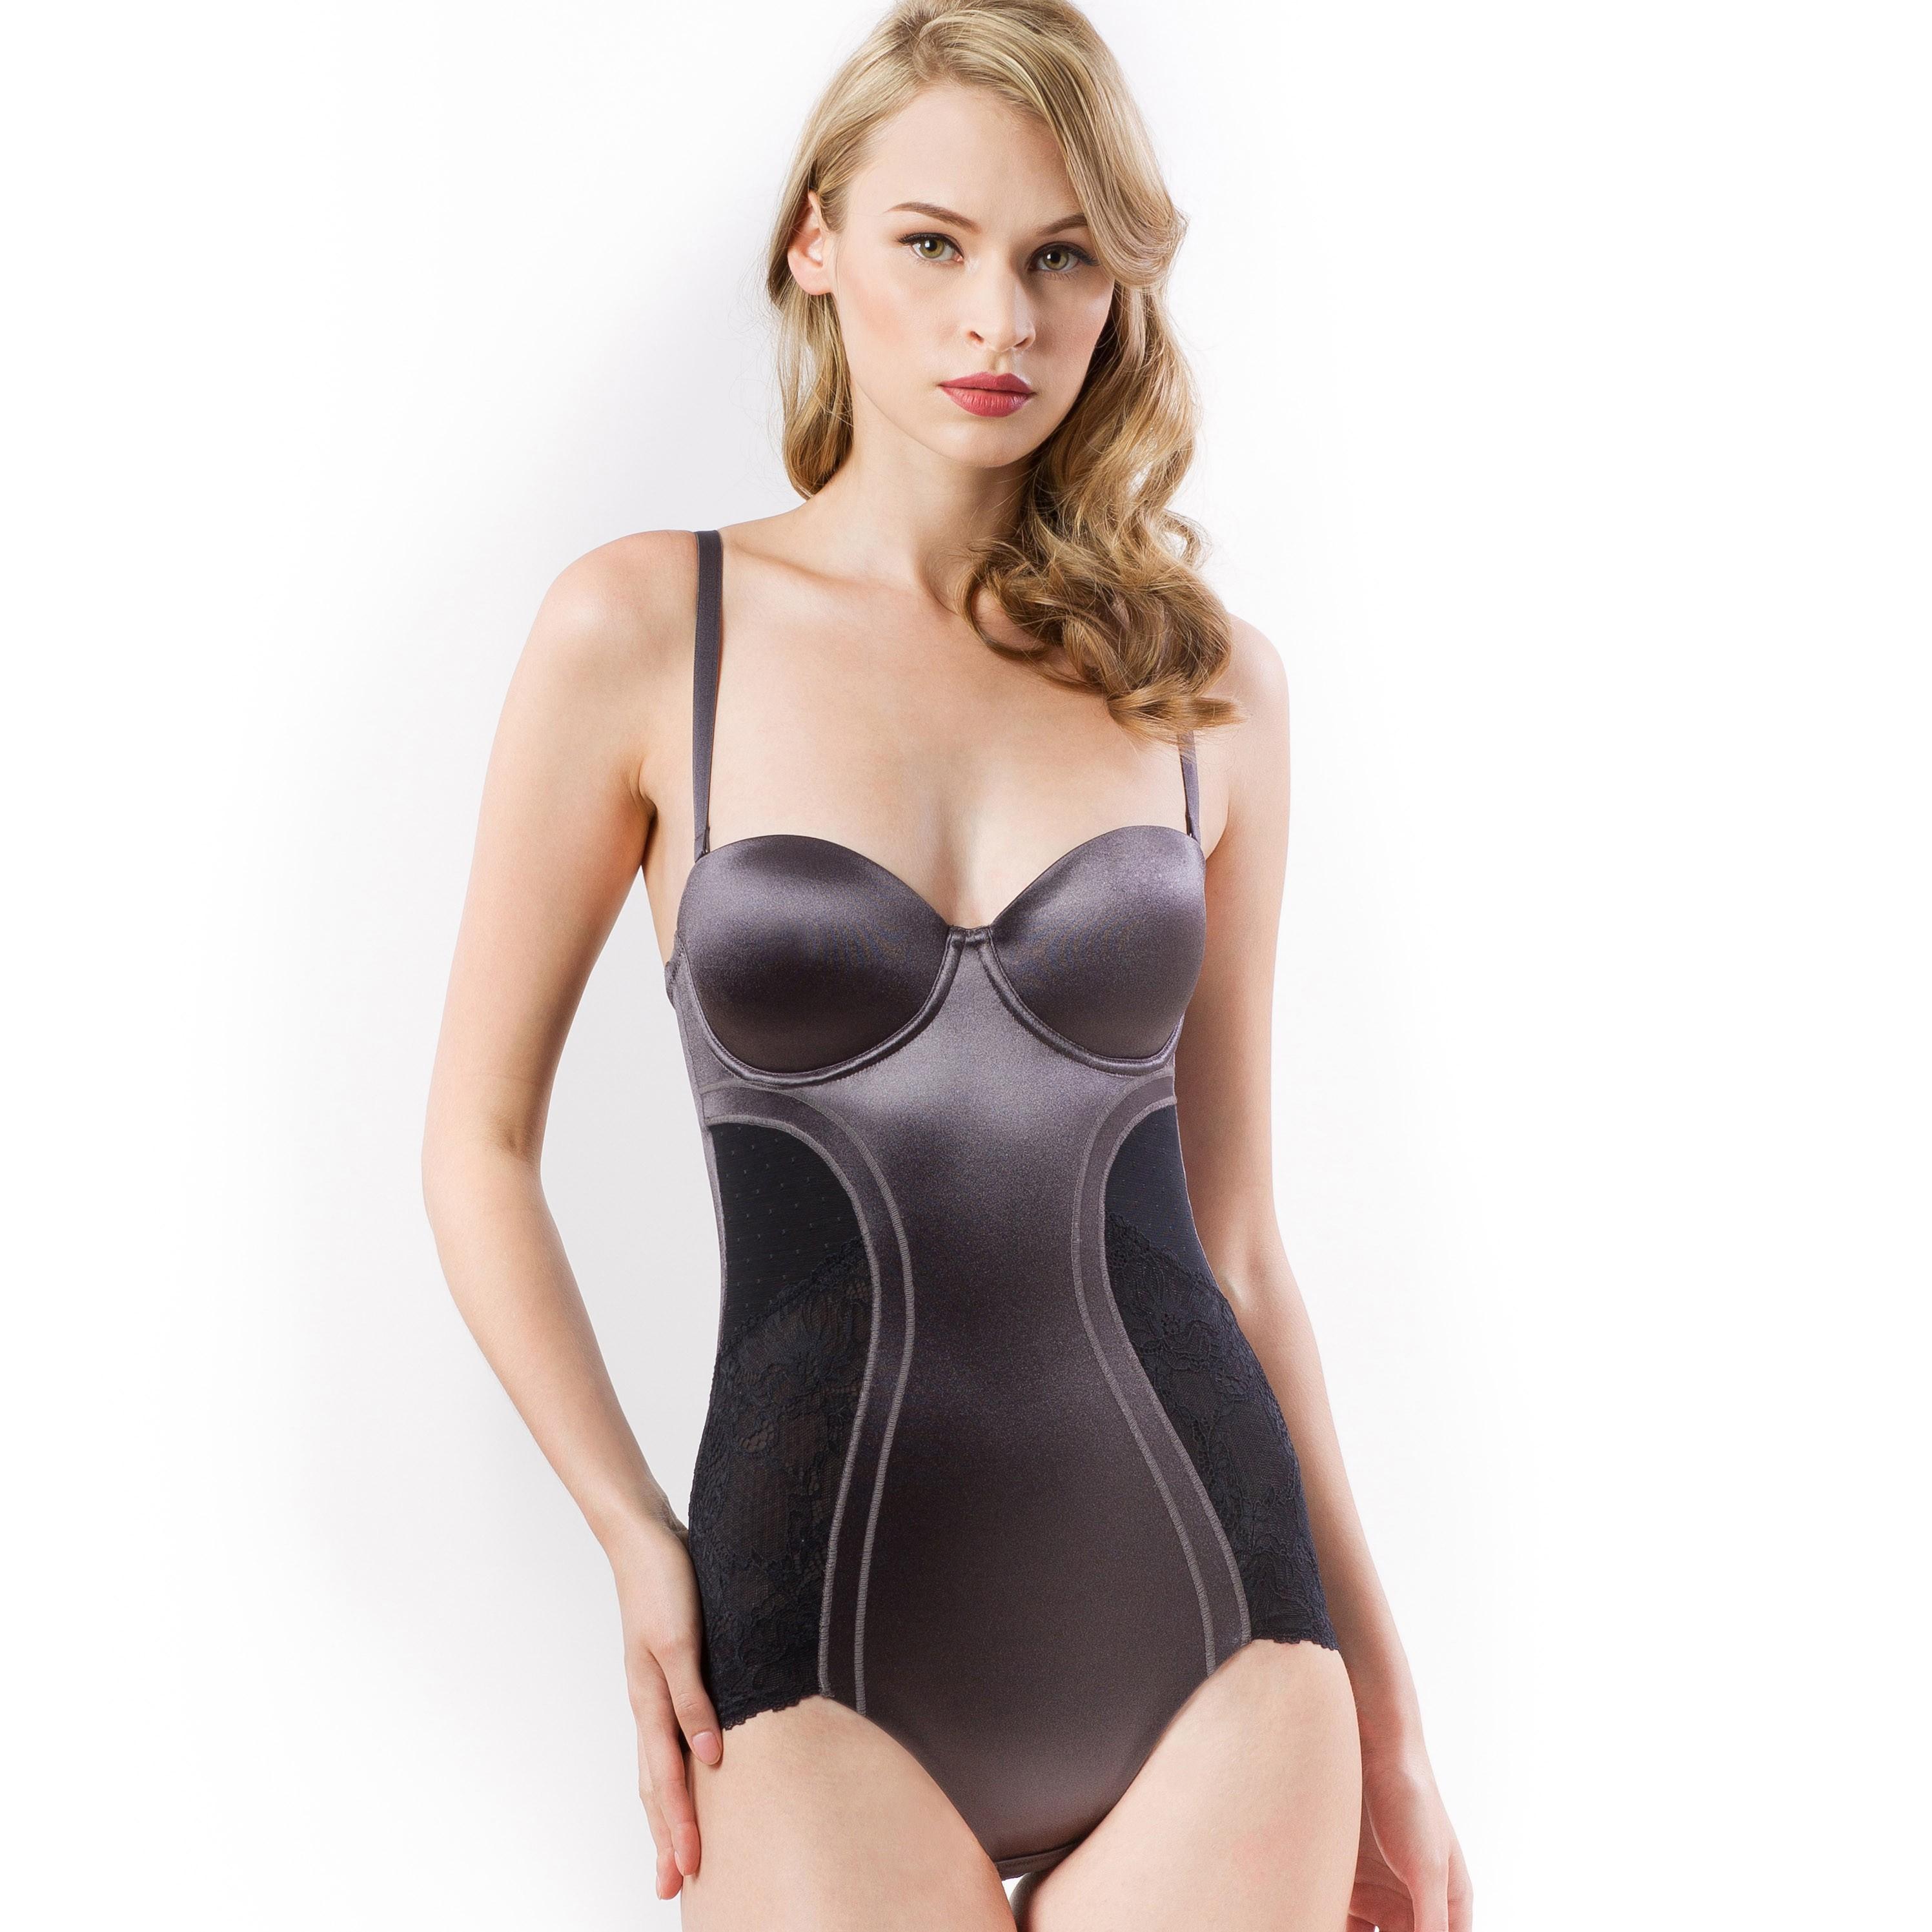 (73) février (25) janvier (48) Wacoal Beauty Secret - Body Gainant - Amincissant Sleex Panty modelant - Sleex High Waist Super Cont Triumph - Beautiful Sensation - Culotte Gainante -.